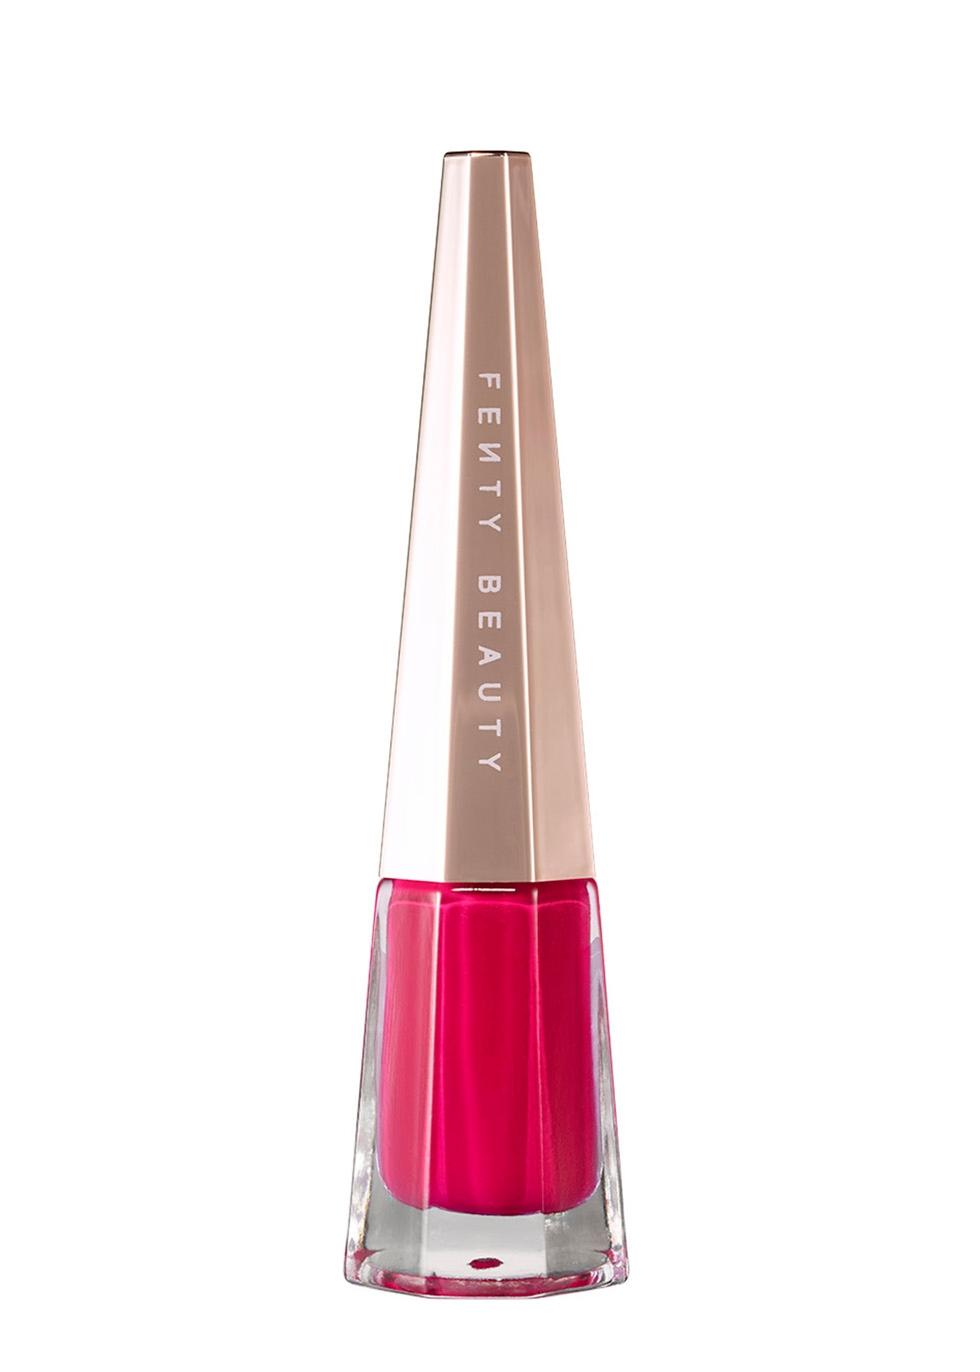 Stunna Lip Paint - Unlocked - FENTY BEAUTY